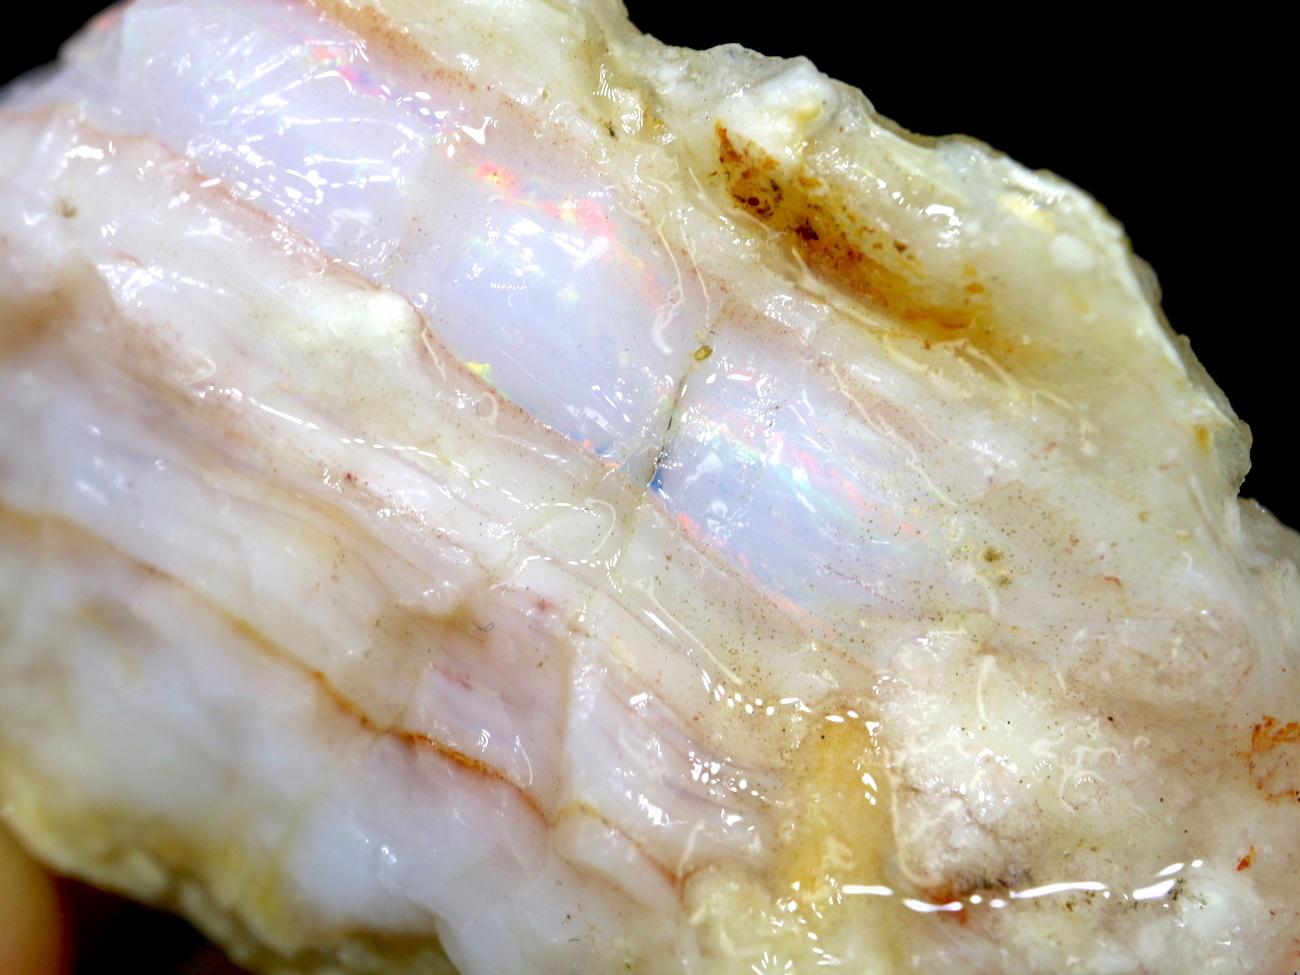 スペンサーオパール アイダホ産 27,2g SCO042 原石 鉱物 天然石 パワーストーン